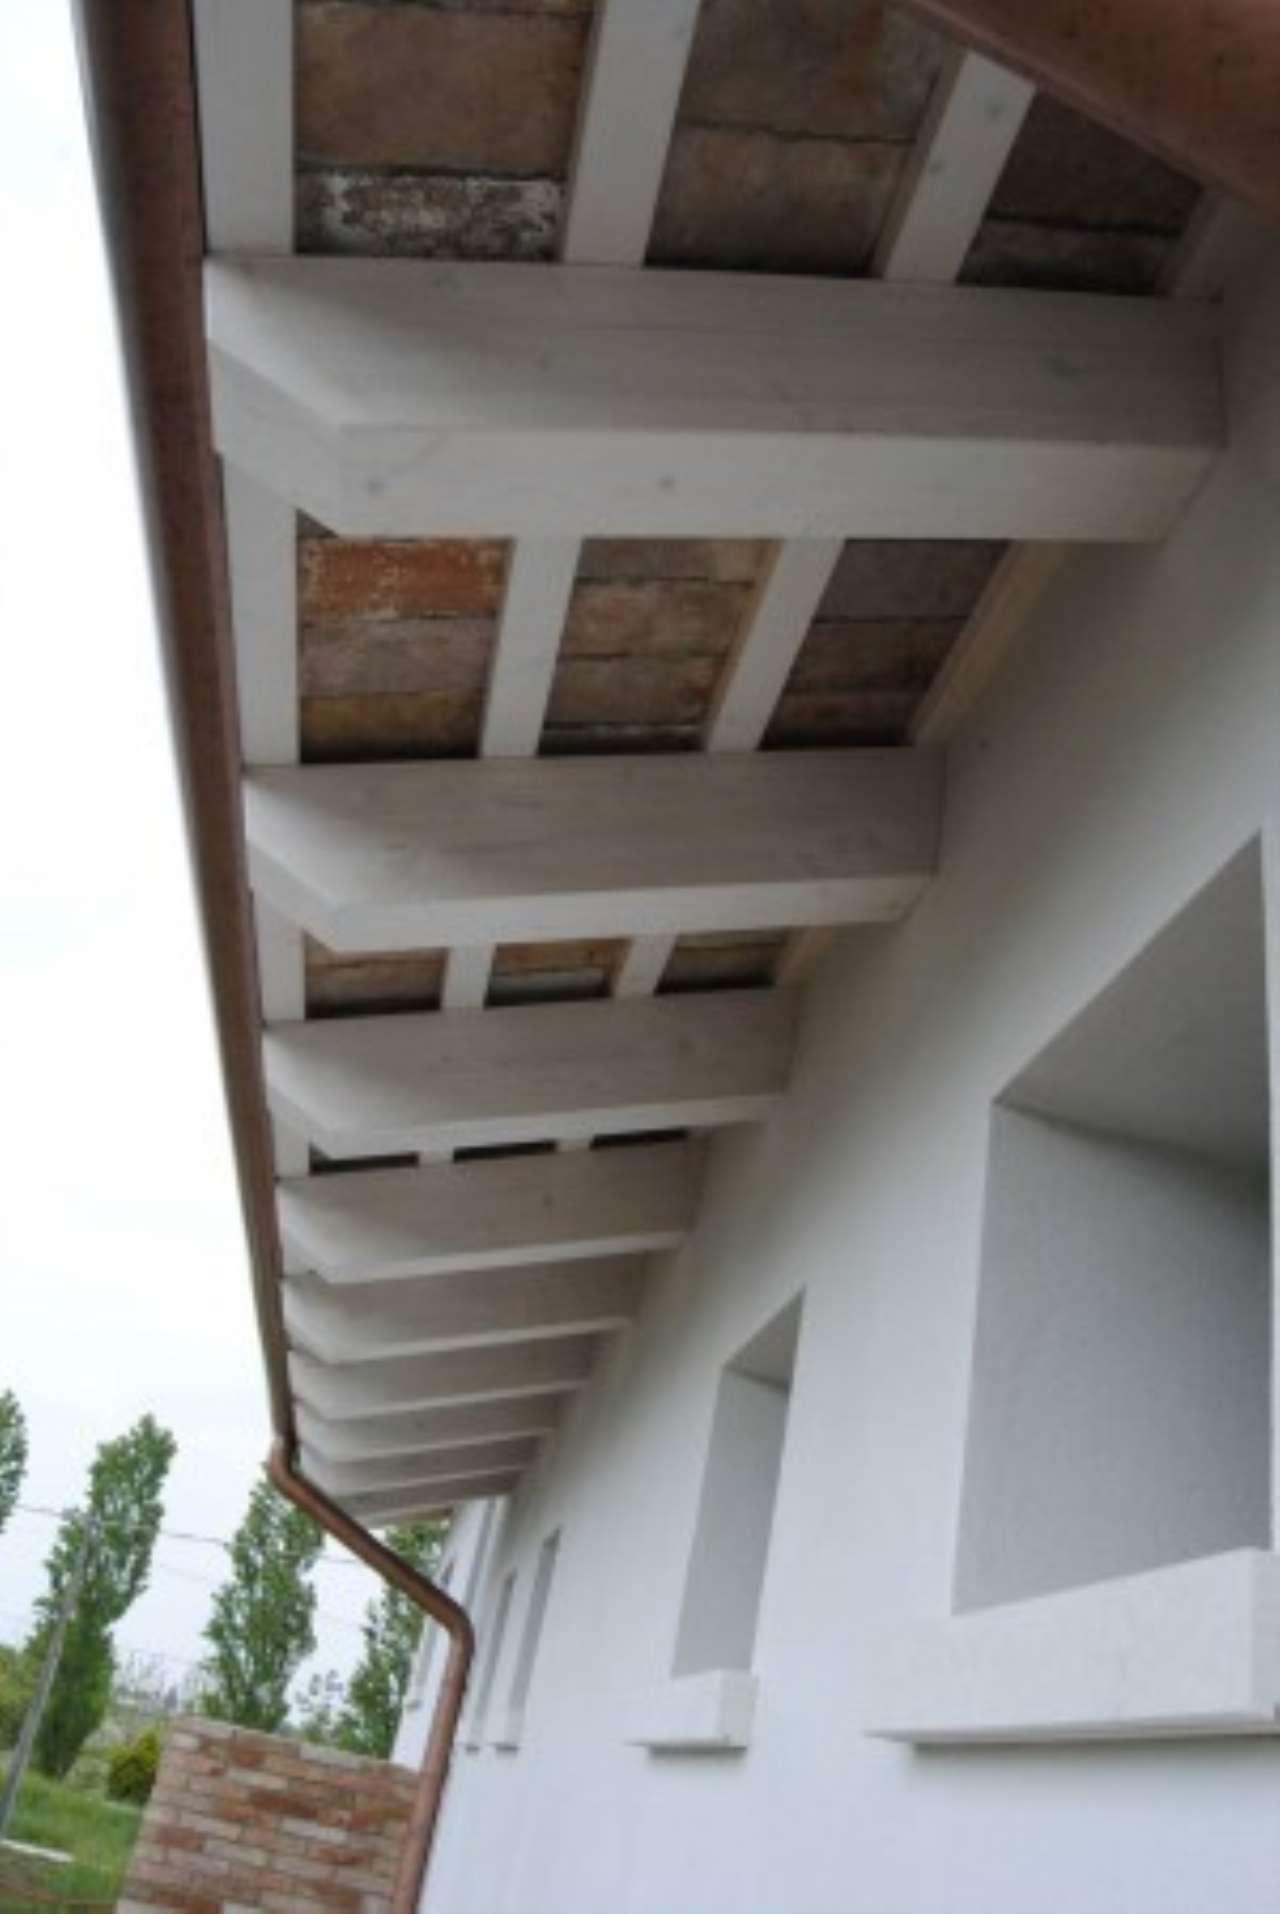 Villa in vendita a Dolo, 6 locali, Trattative riservate | CambioCasa.it